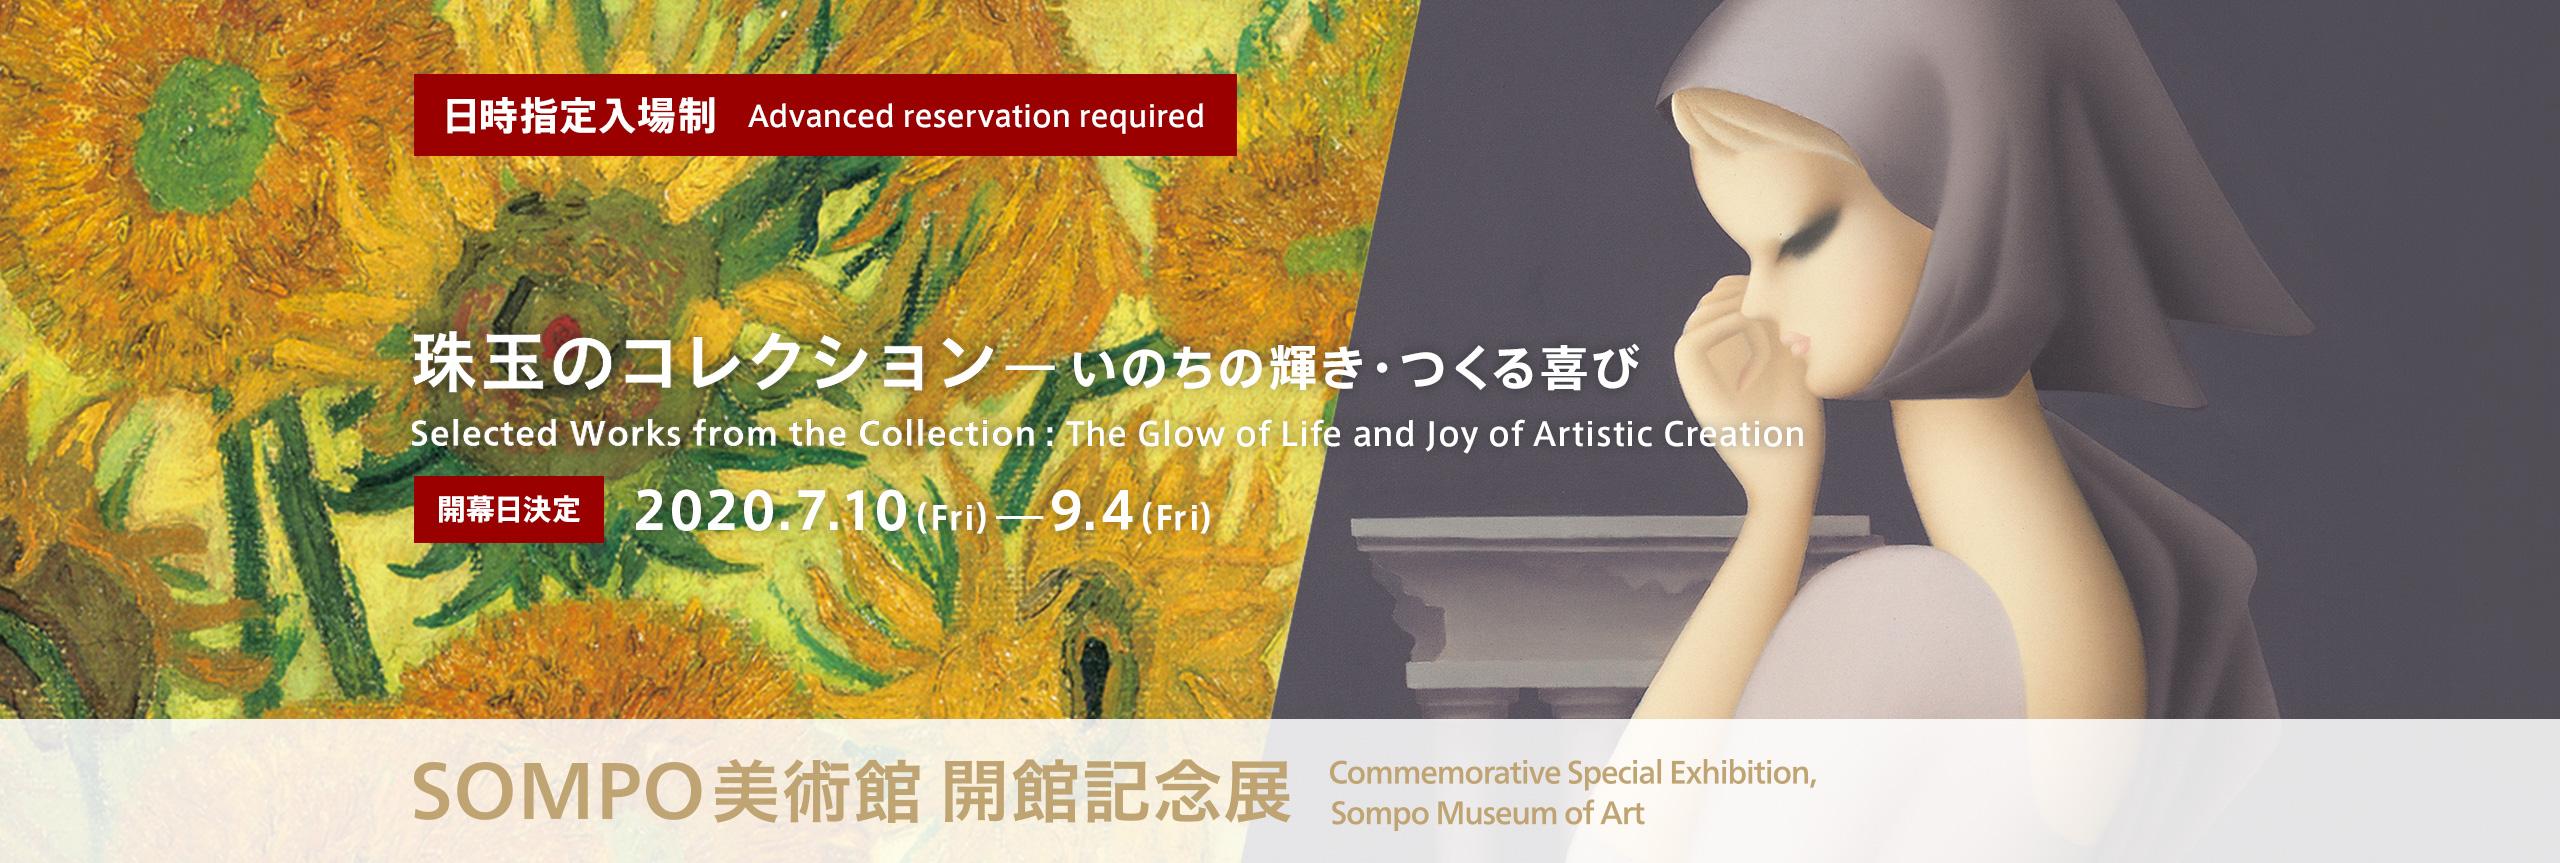 Commemorative Special Exhibition.